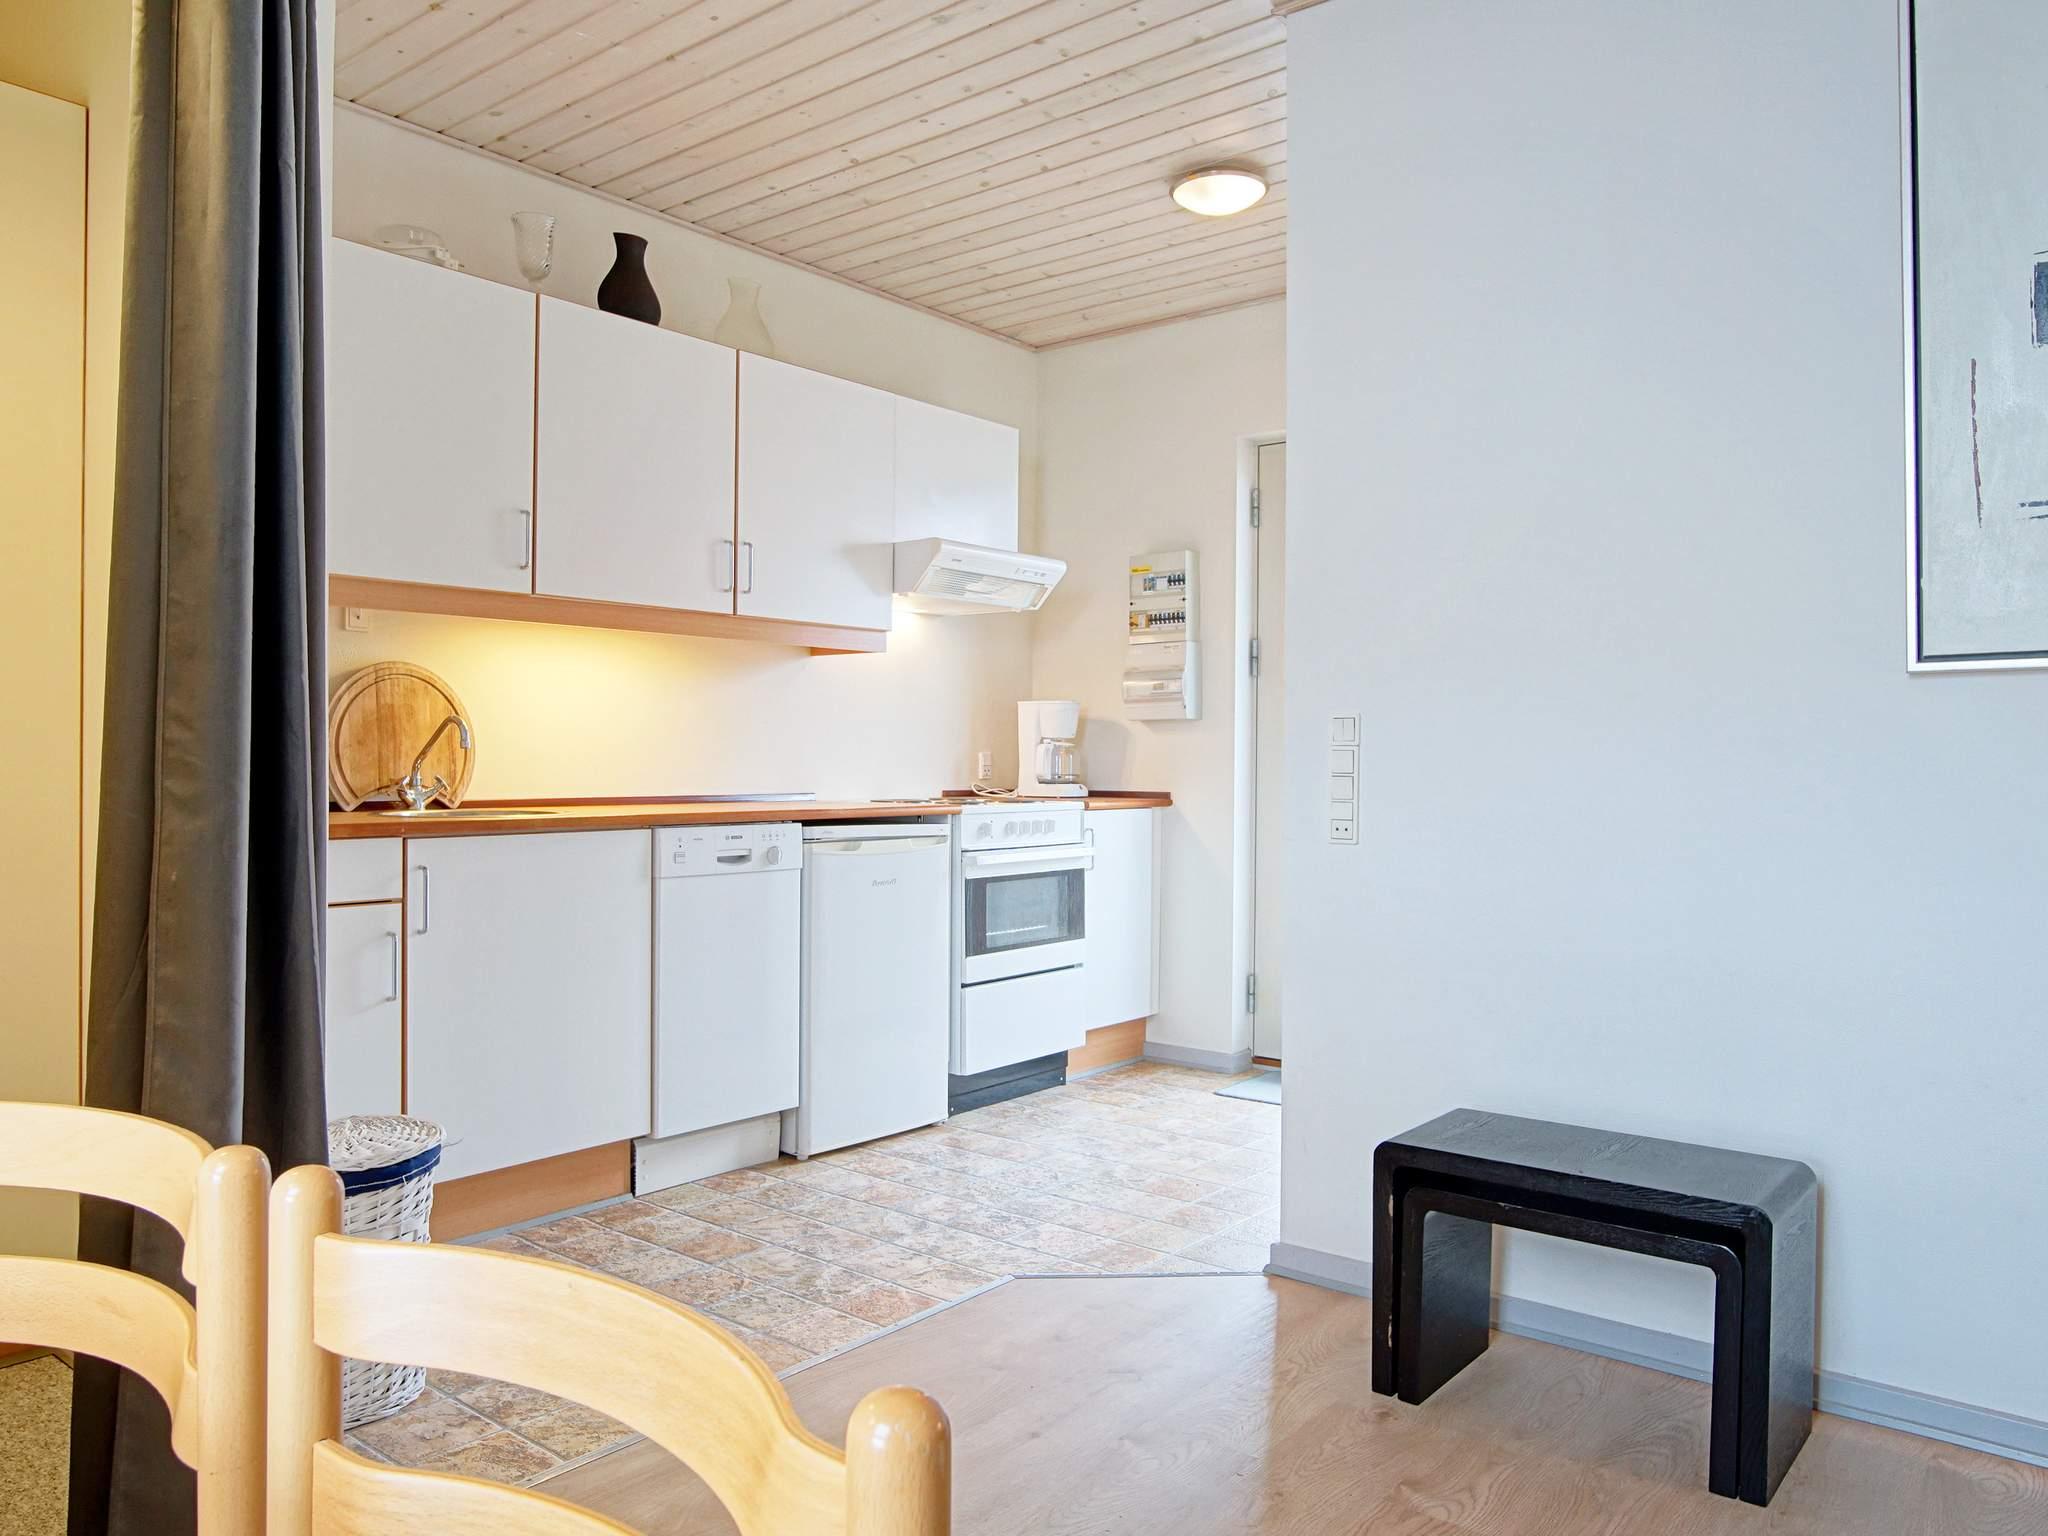 Ferienhaus Gudhjem (385016), Gudhjem, , Bornholm, Dänemark, Bild 3